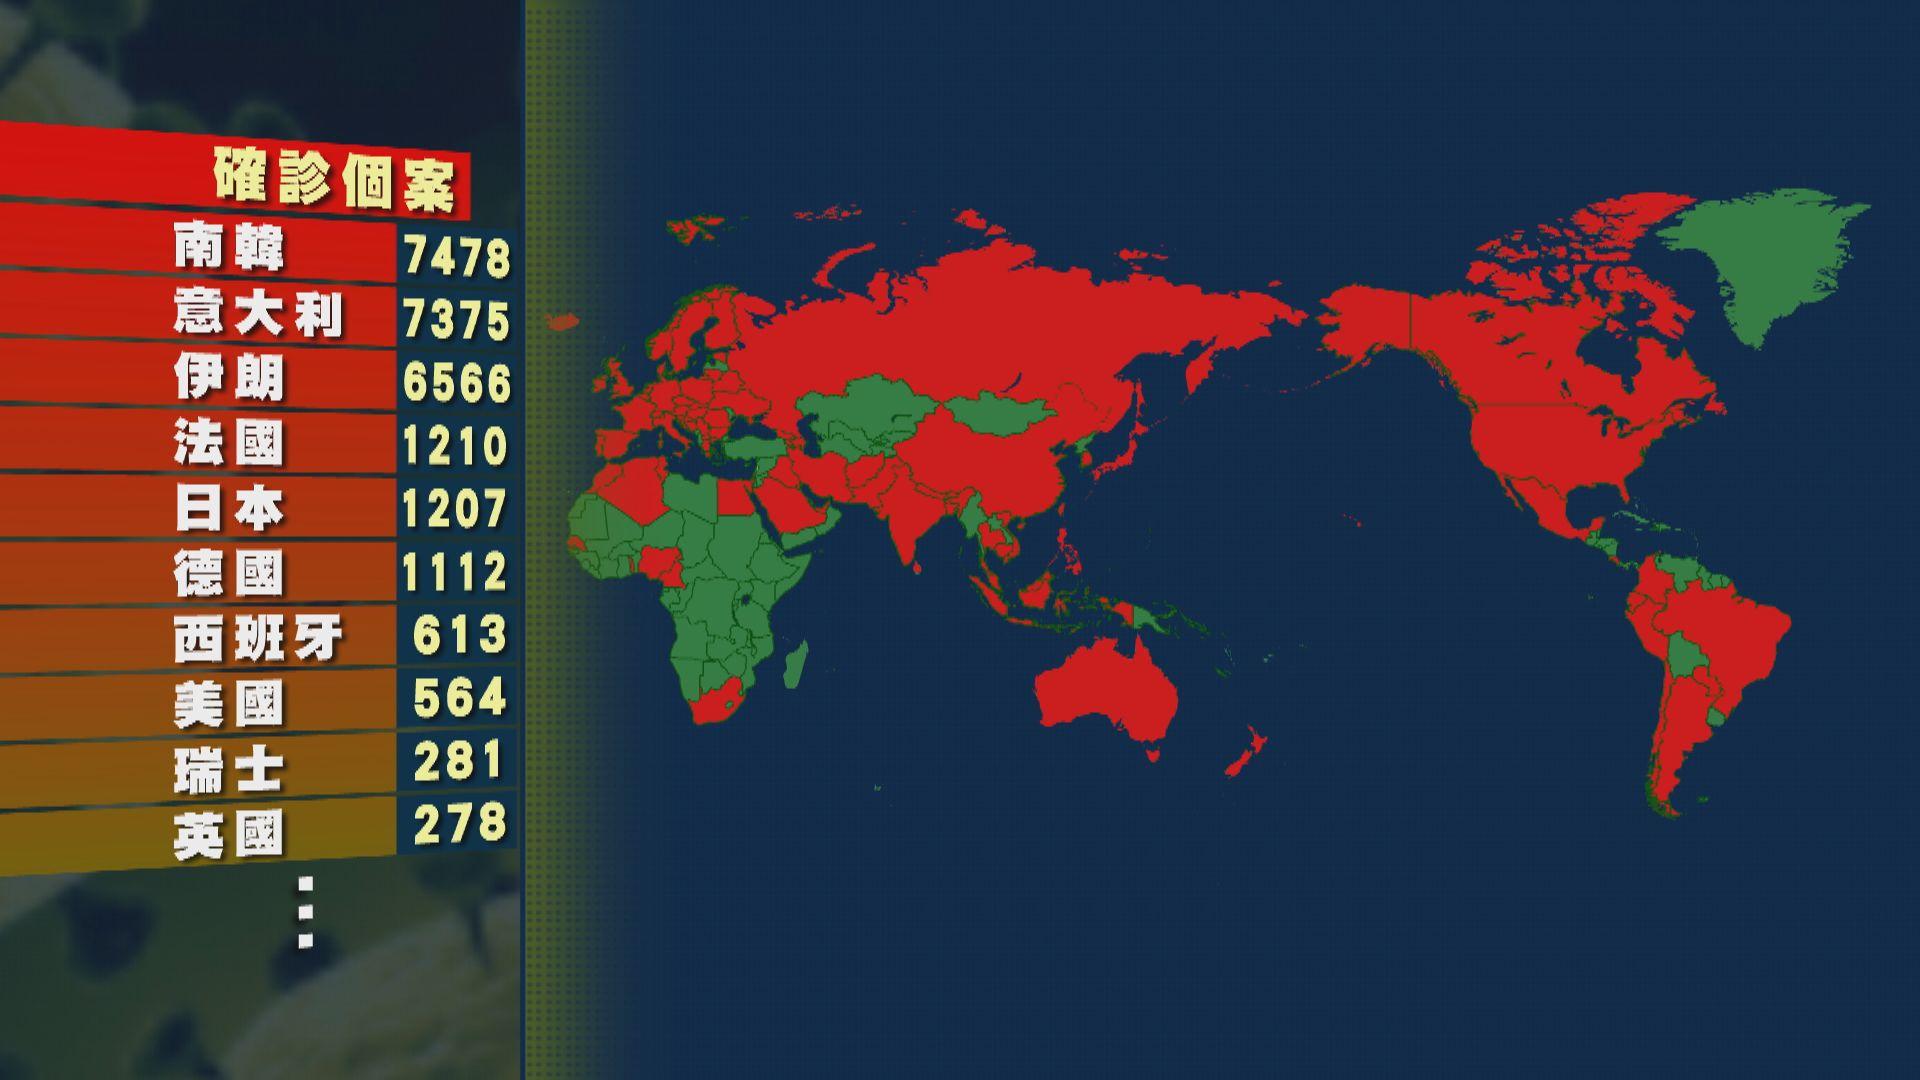 鍾南山:全球疫情發展至少延續到六月